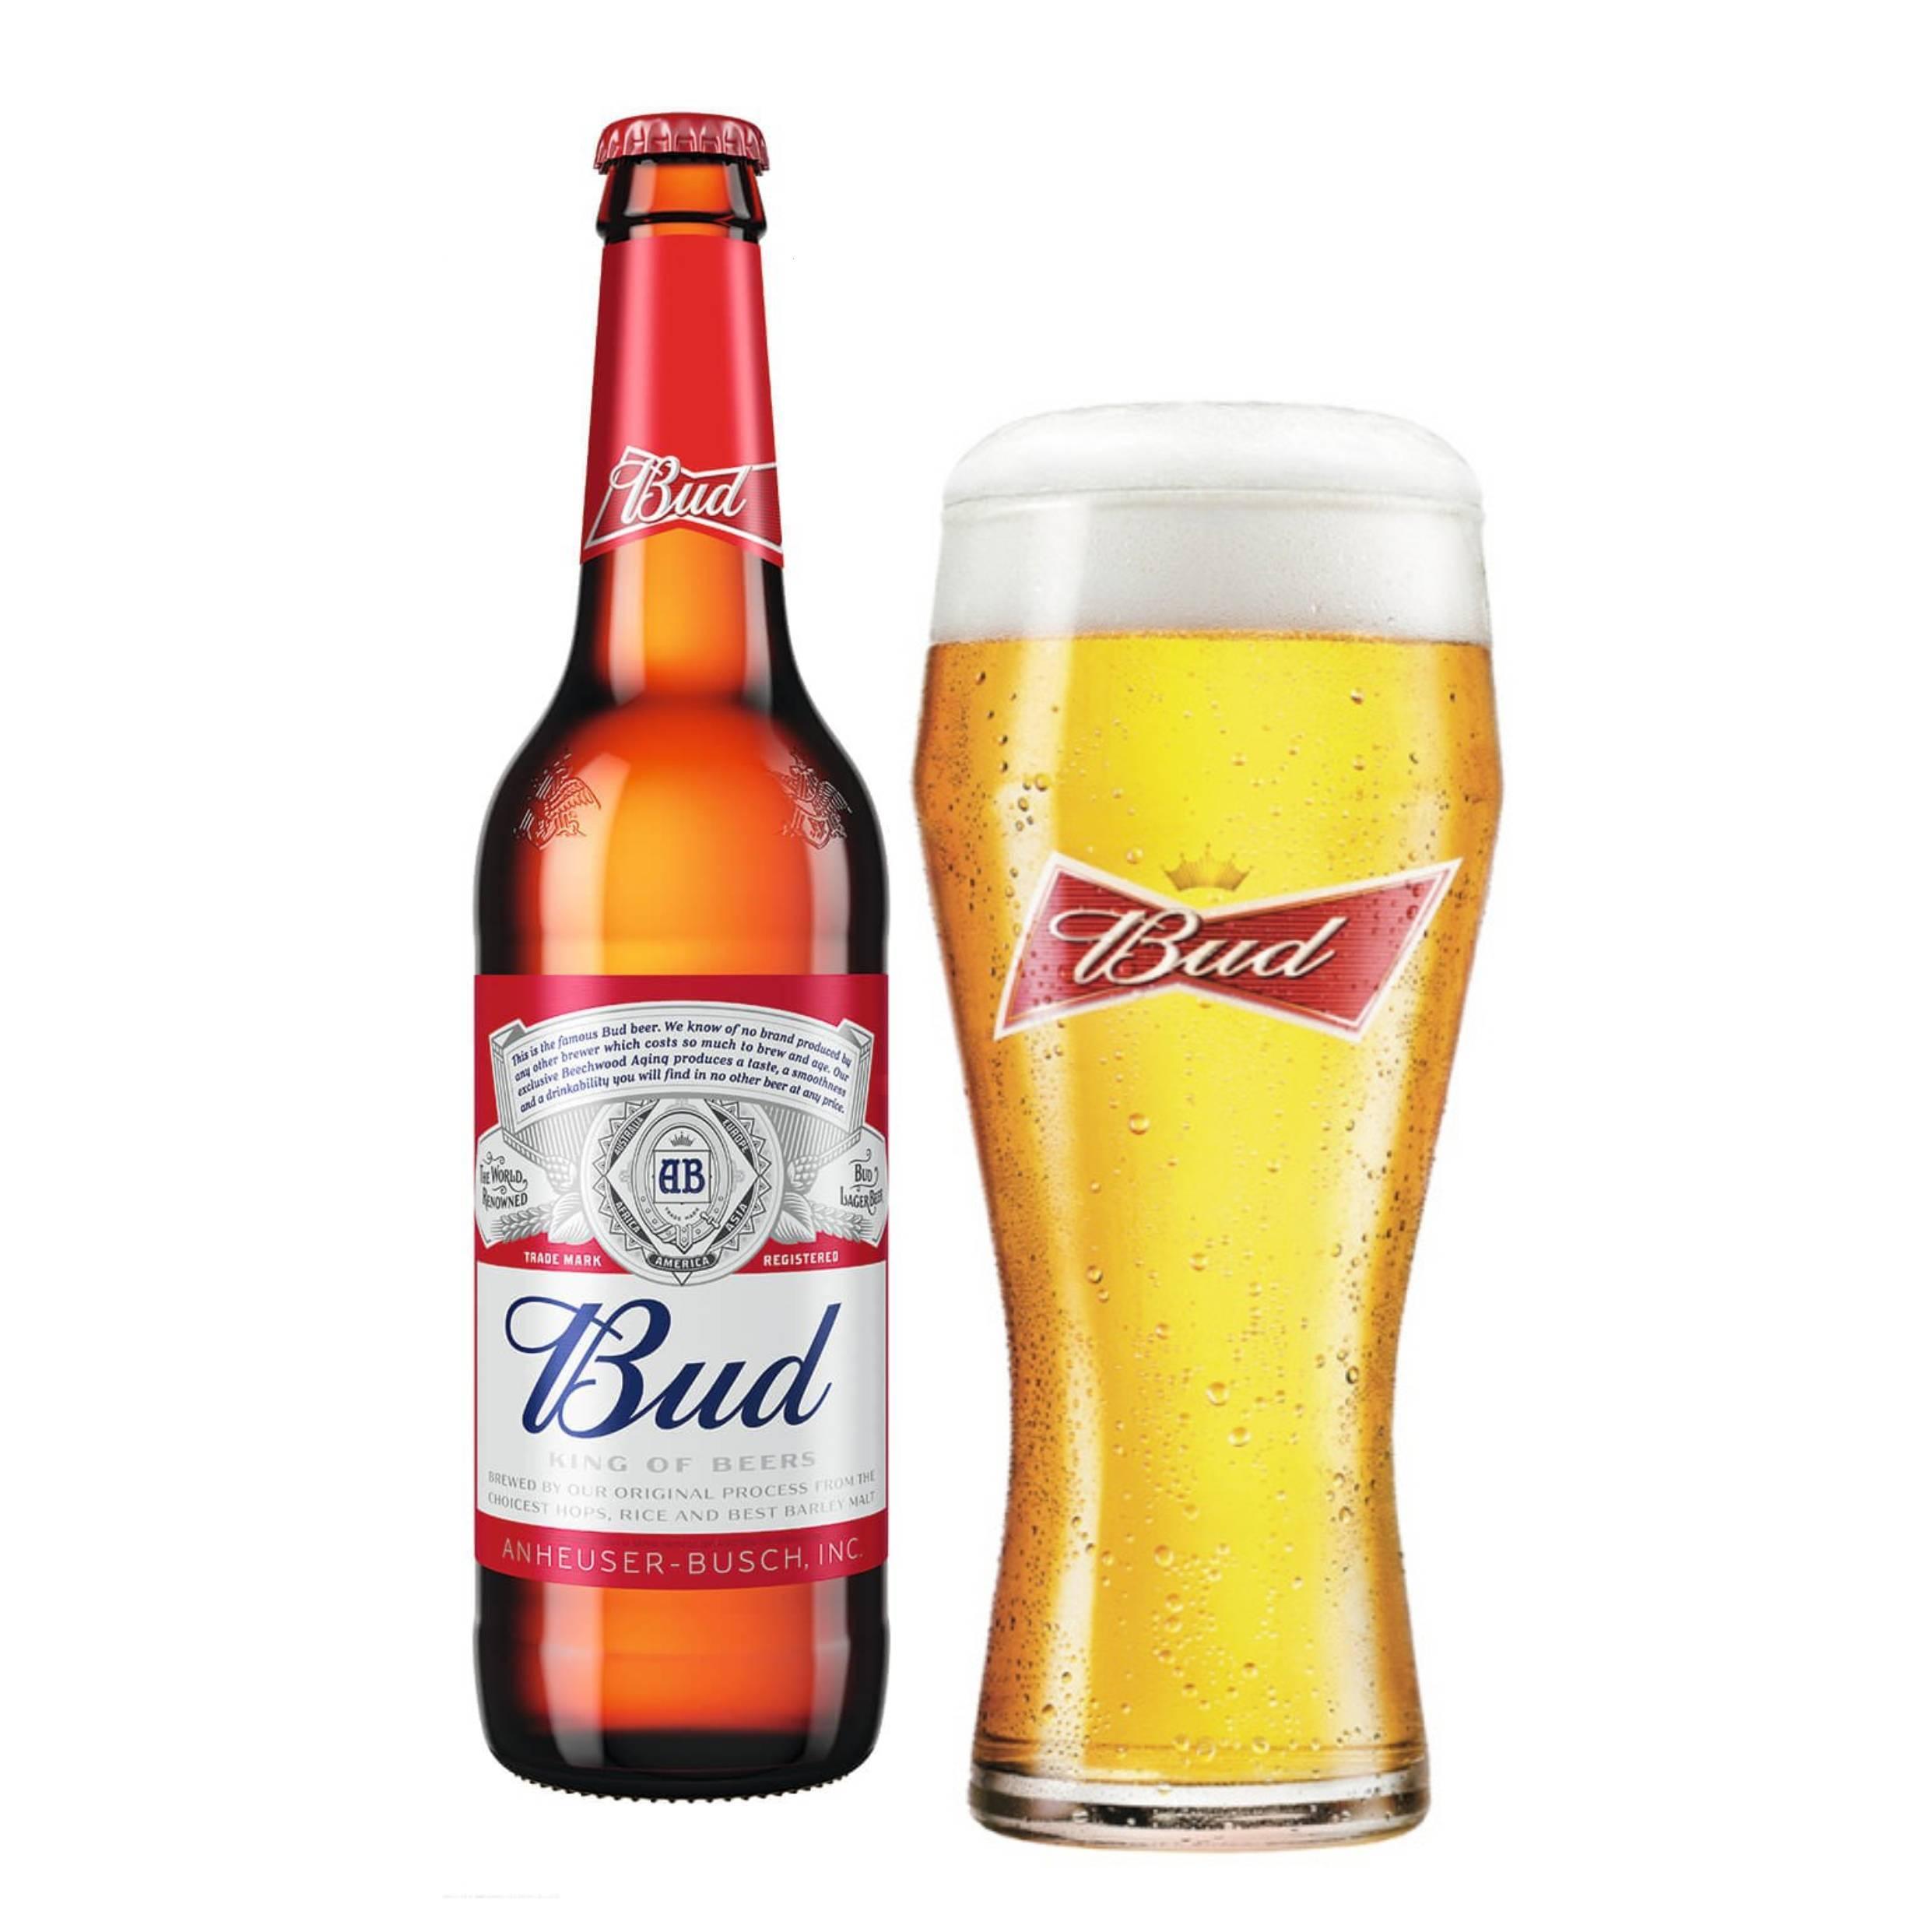 Пиво бад (bud) — особенности и история американского напитка